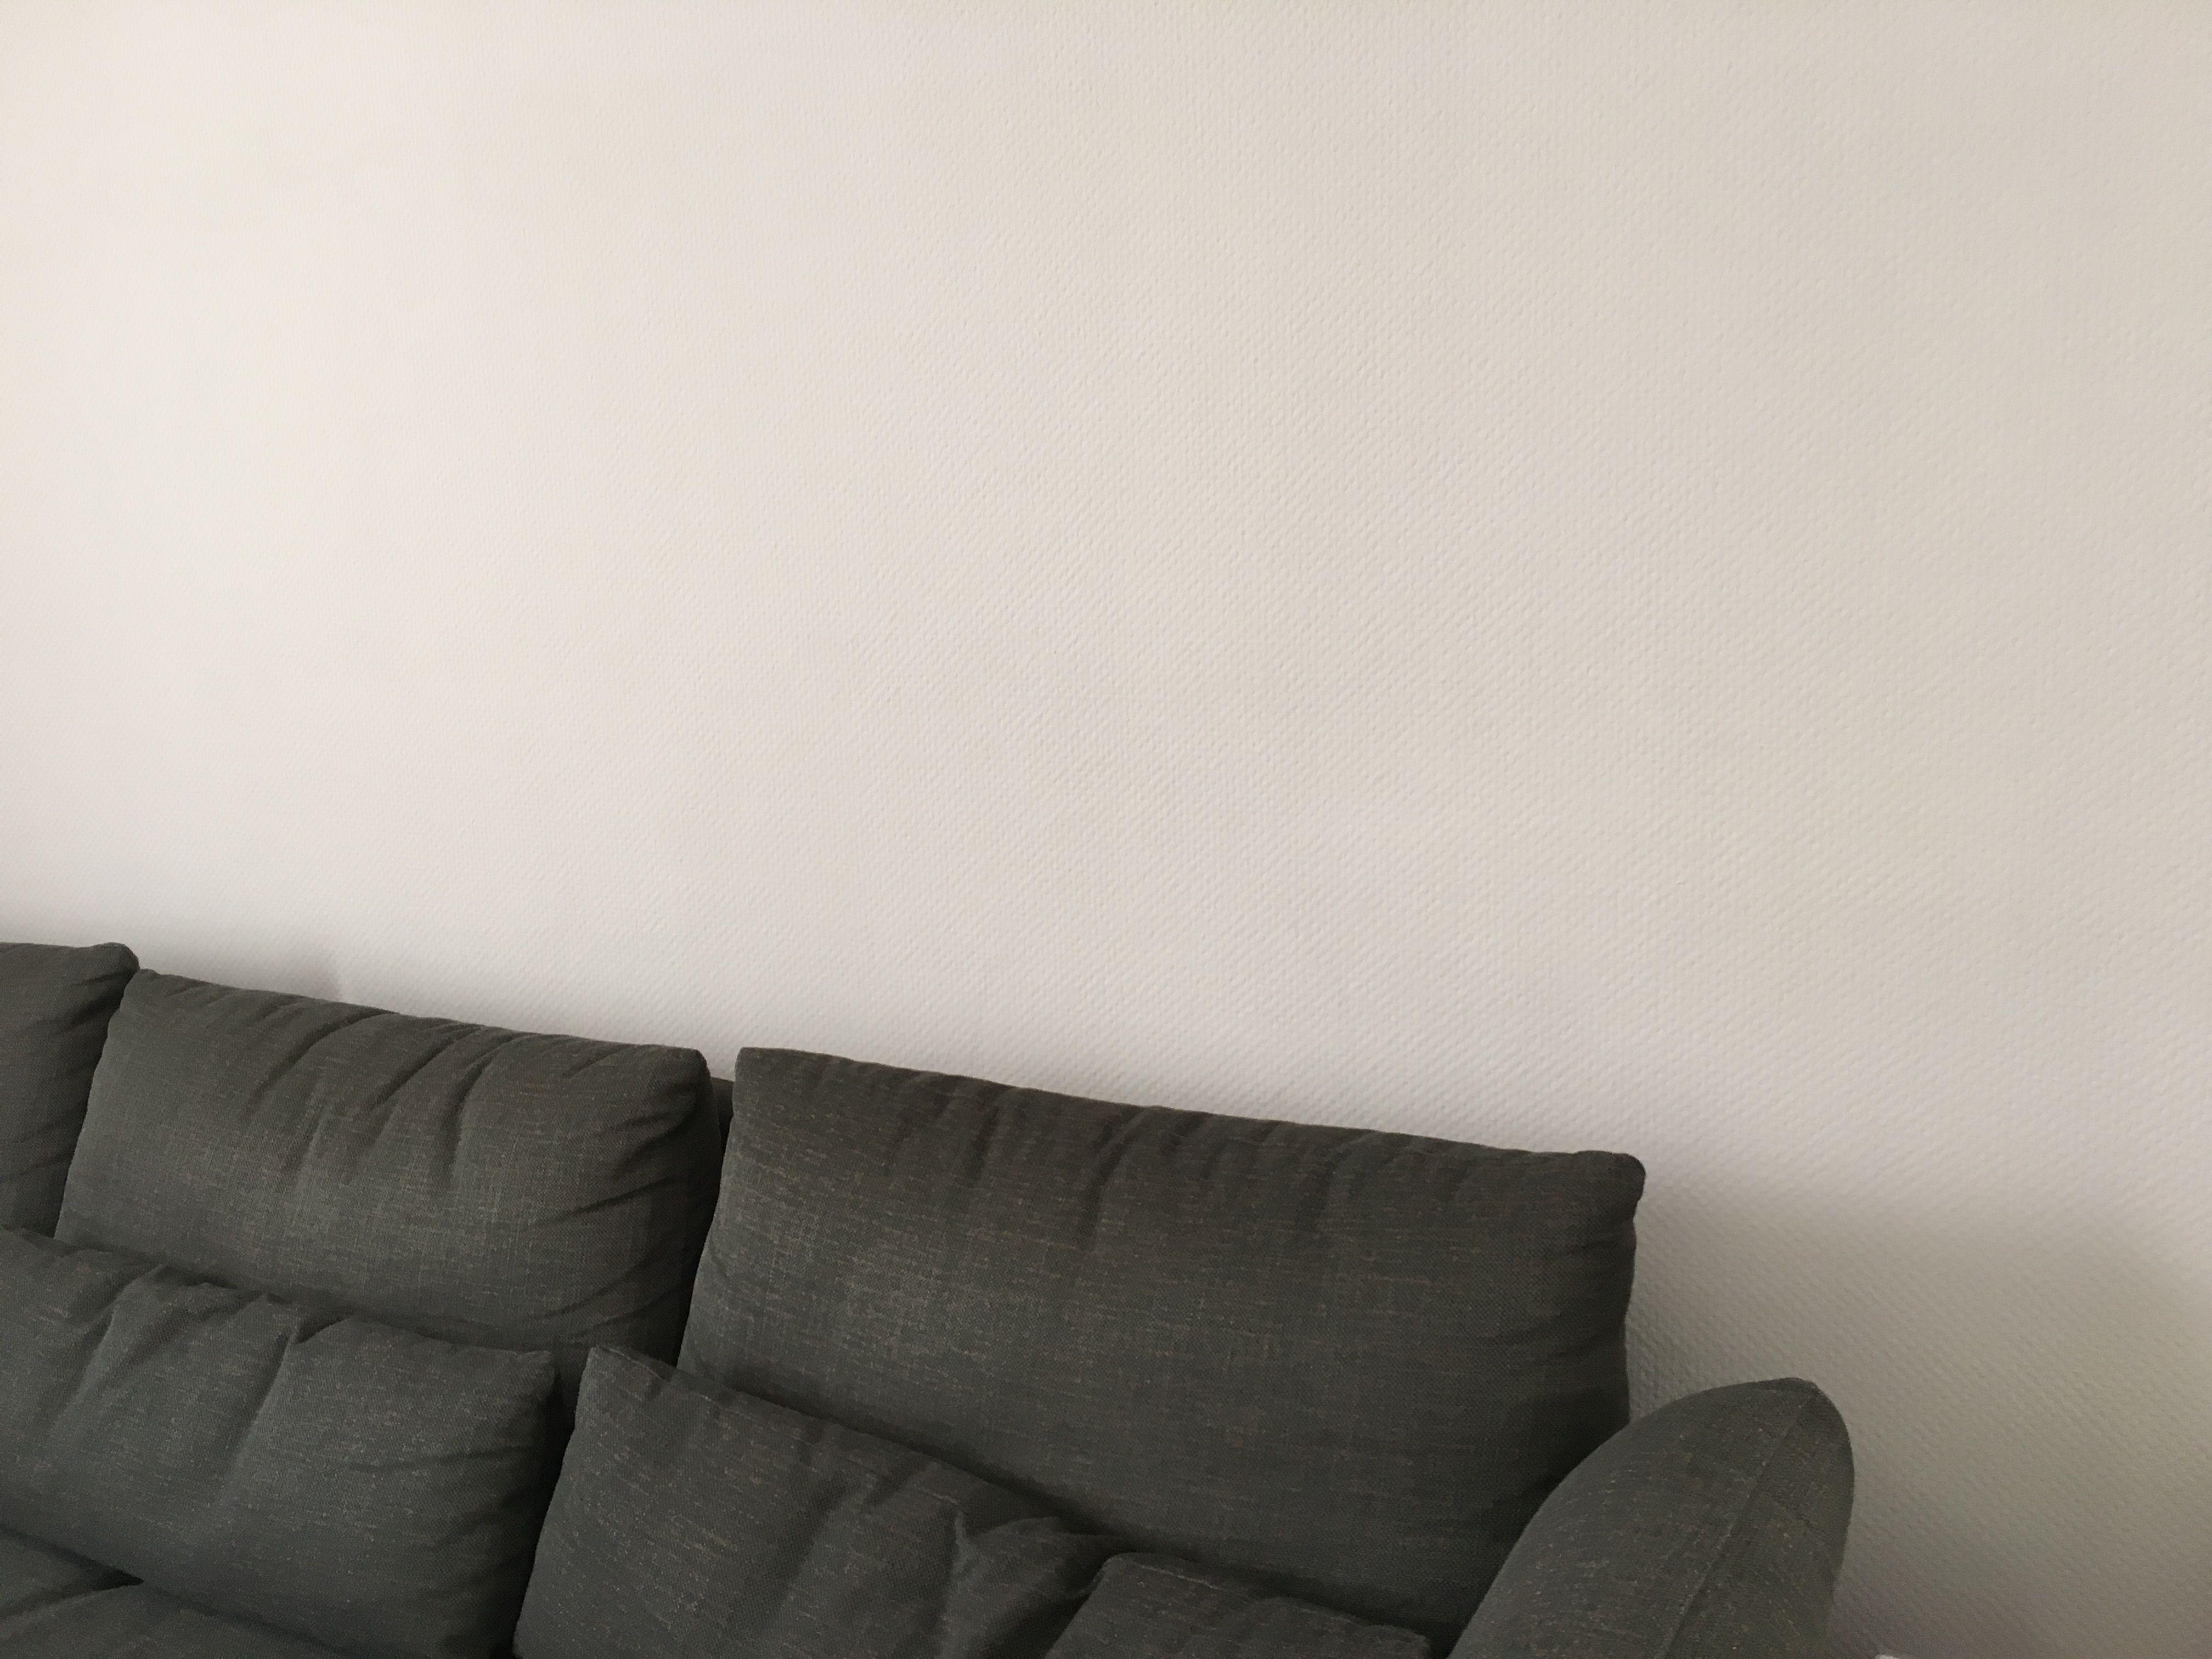 Welche Farbe Hat Die Wand? Was Glaubt Ihr? Beige, Sand, Taupe,